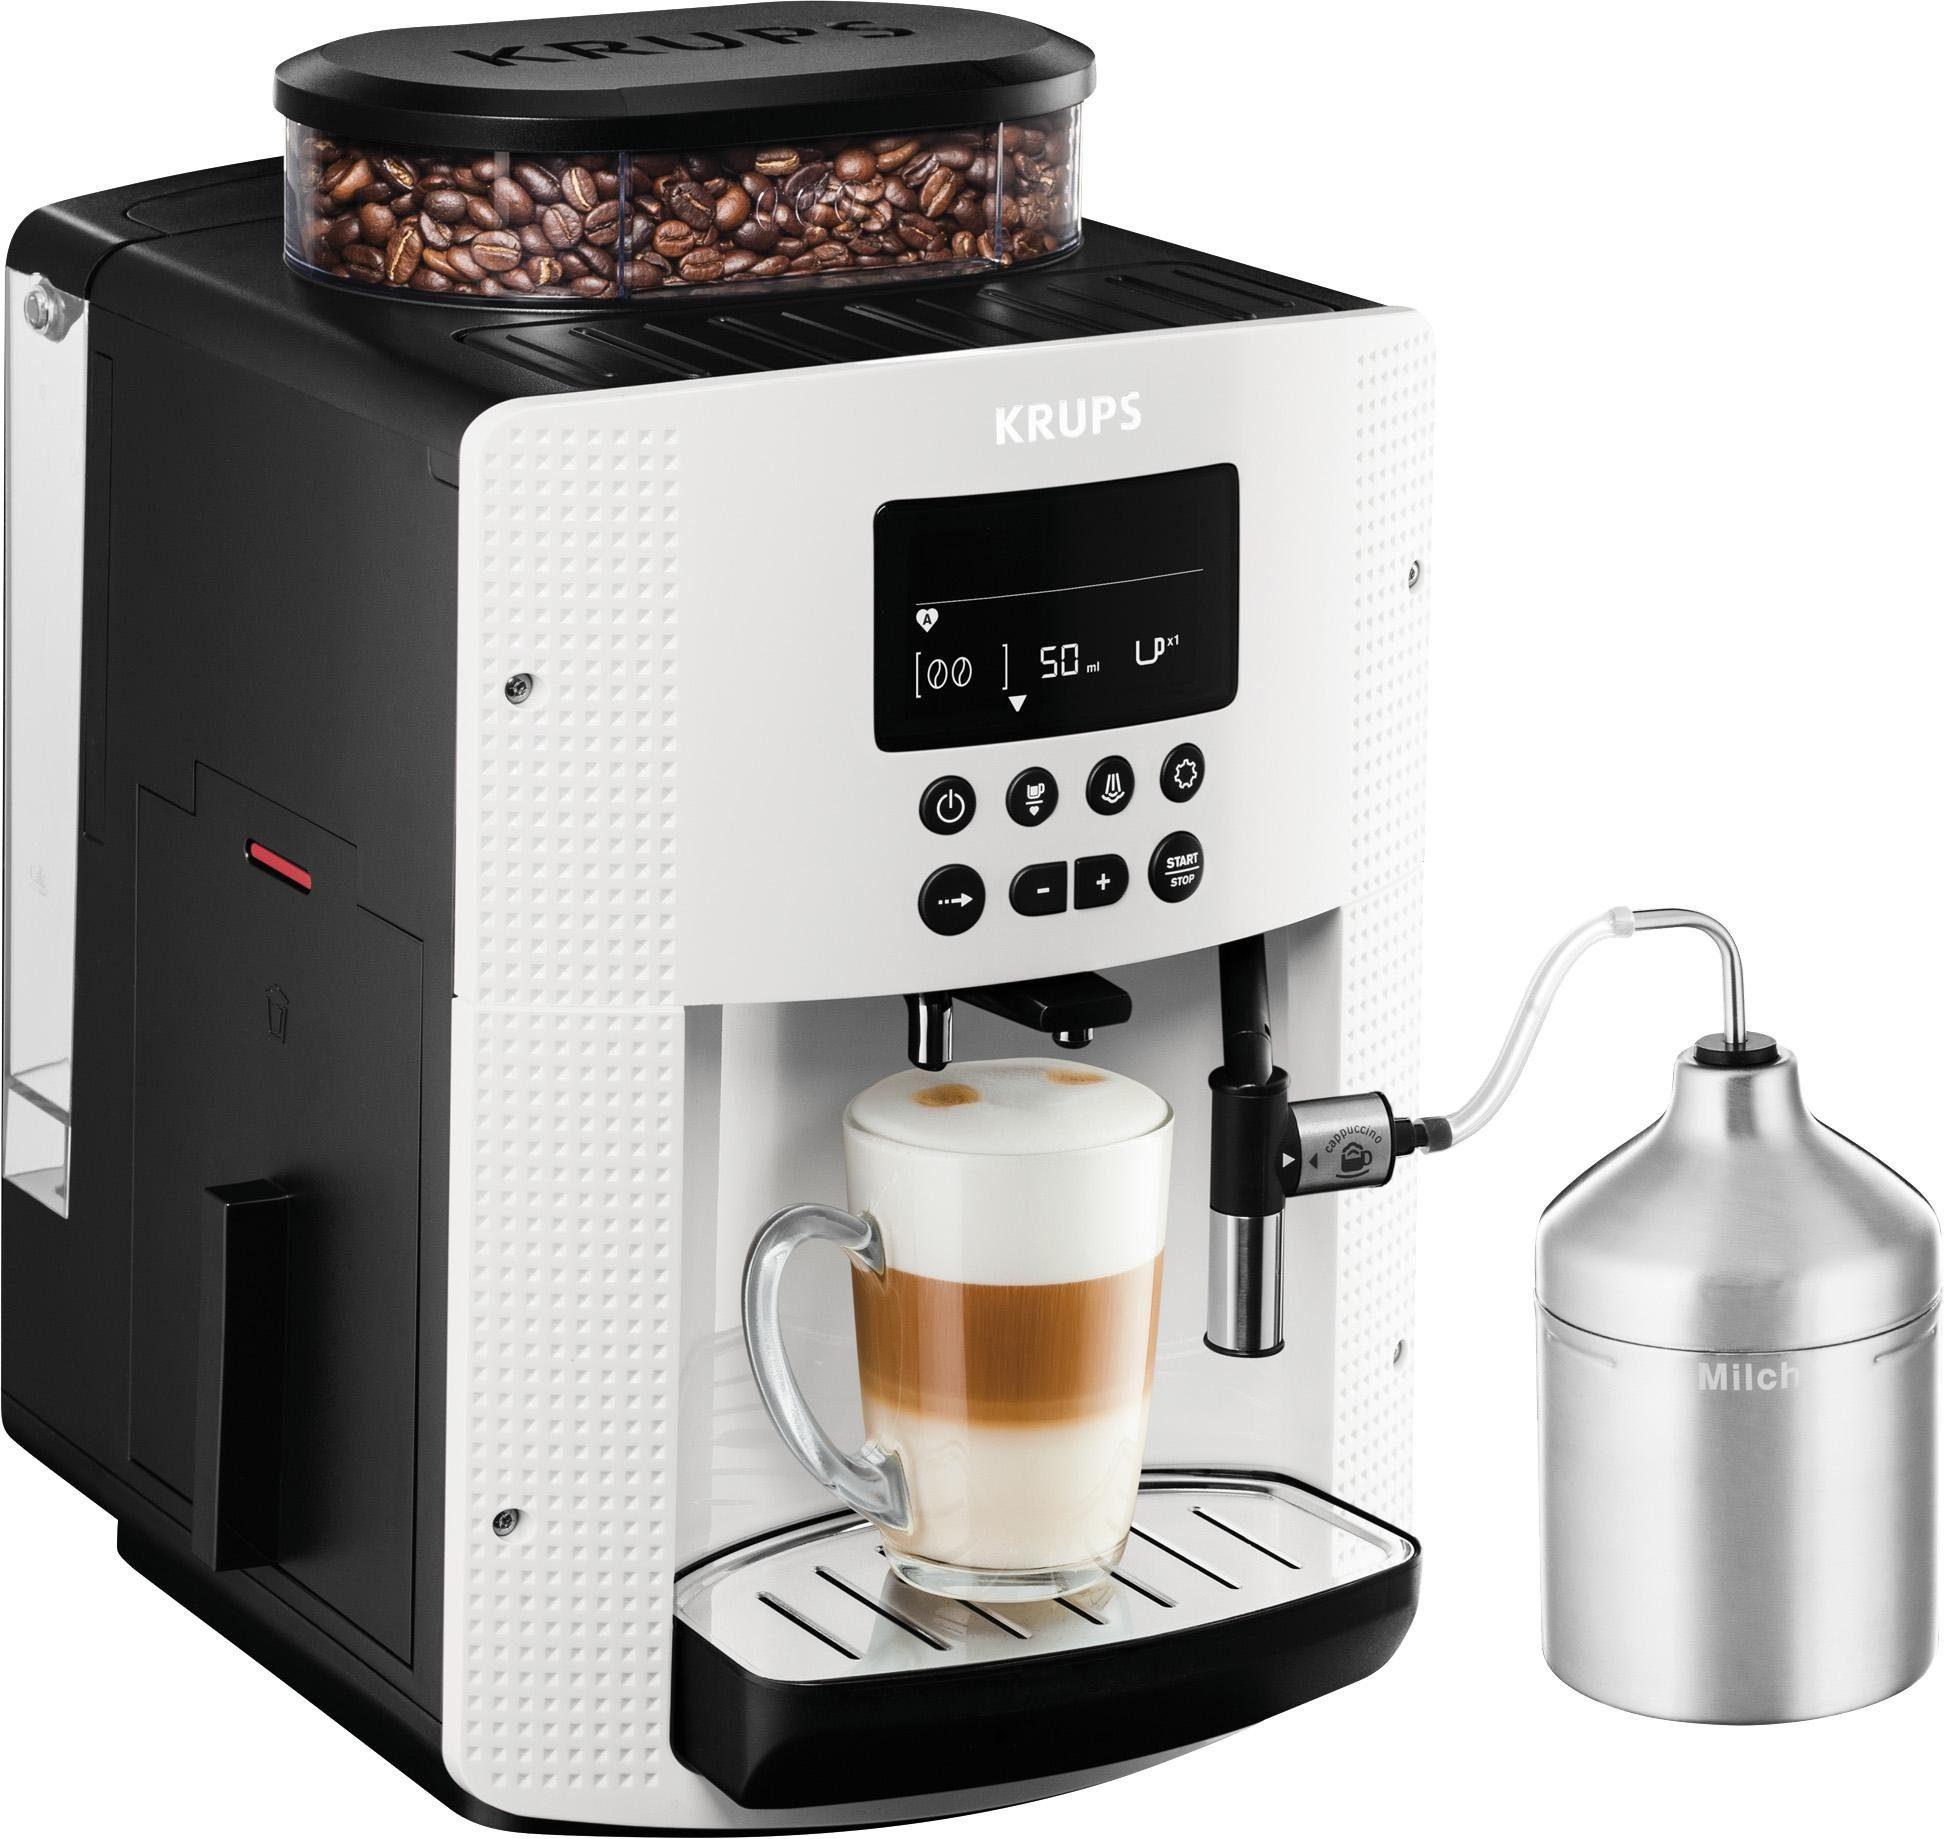 Krups Kaffeevollautomat EA8161, inkl. Edelstahl-Milchbehälter